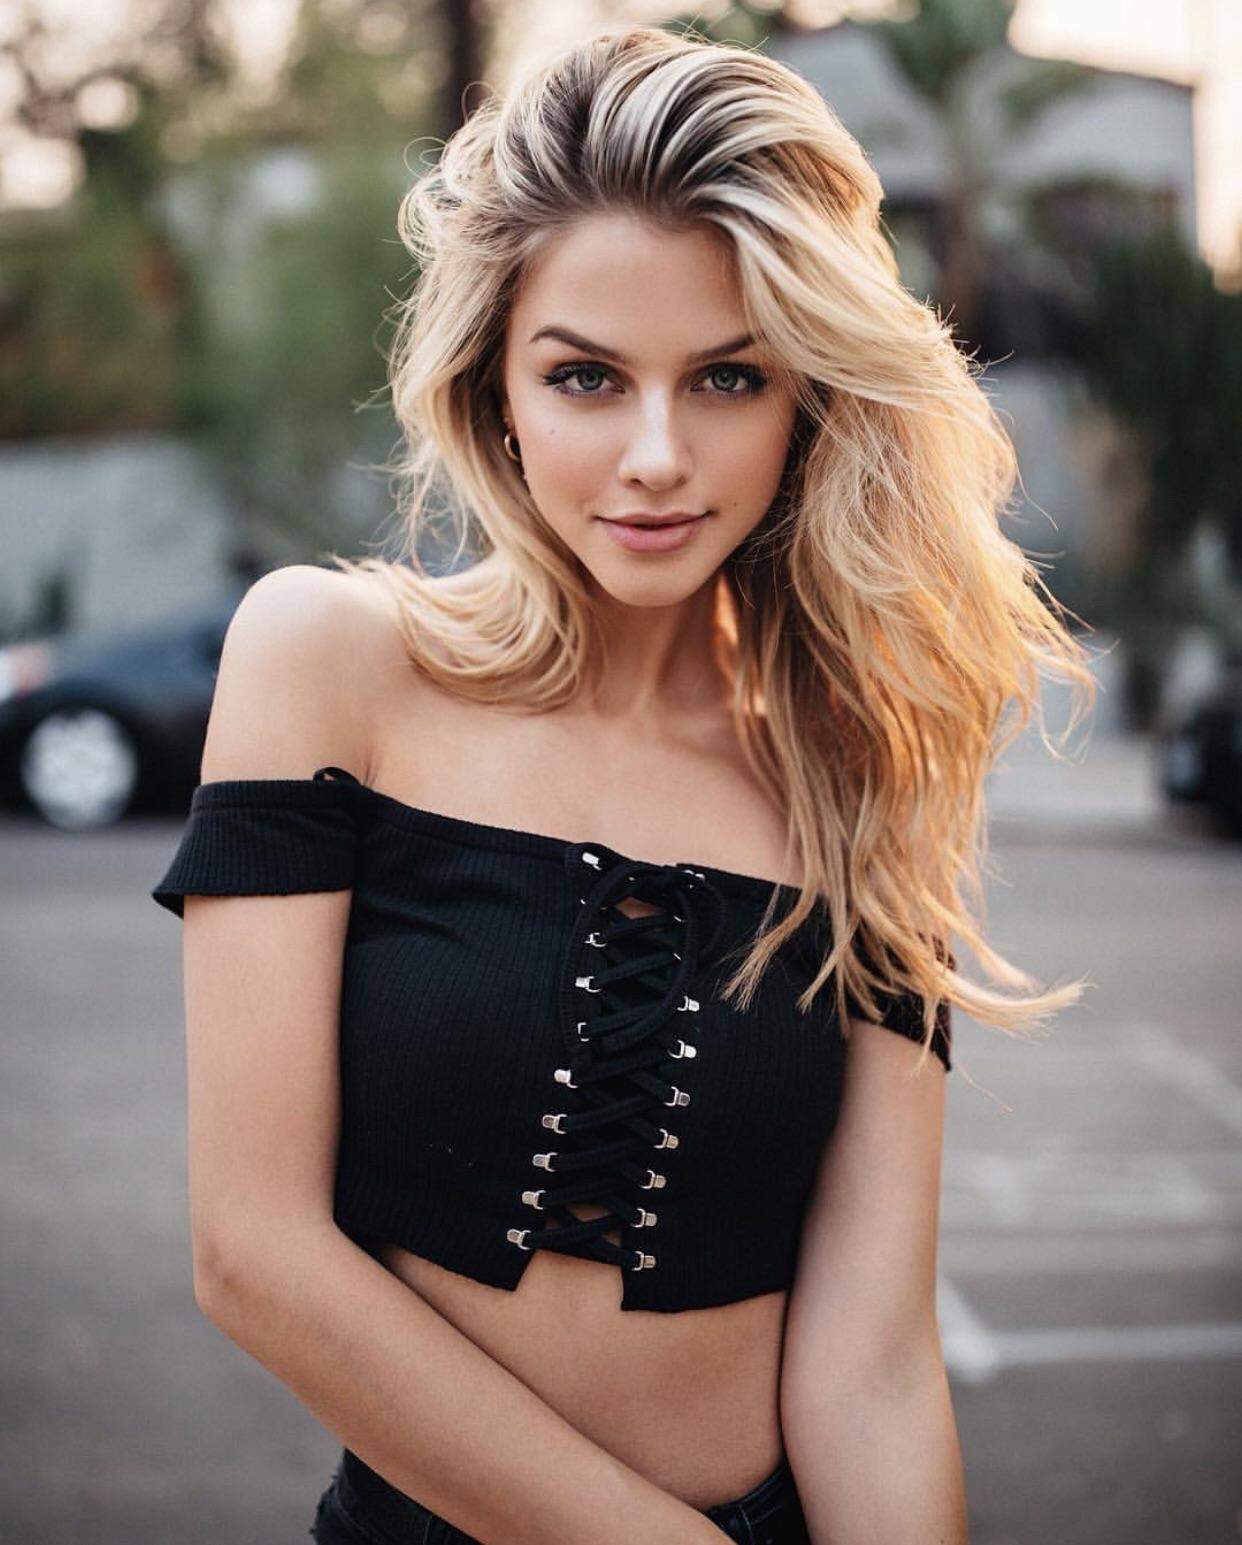 Marina Laswick | Gorgeous girls, Model, Marina laswick